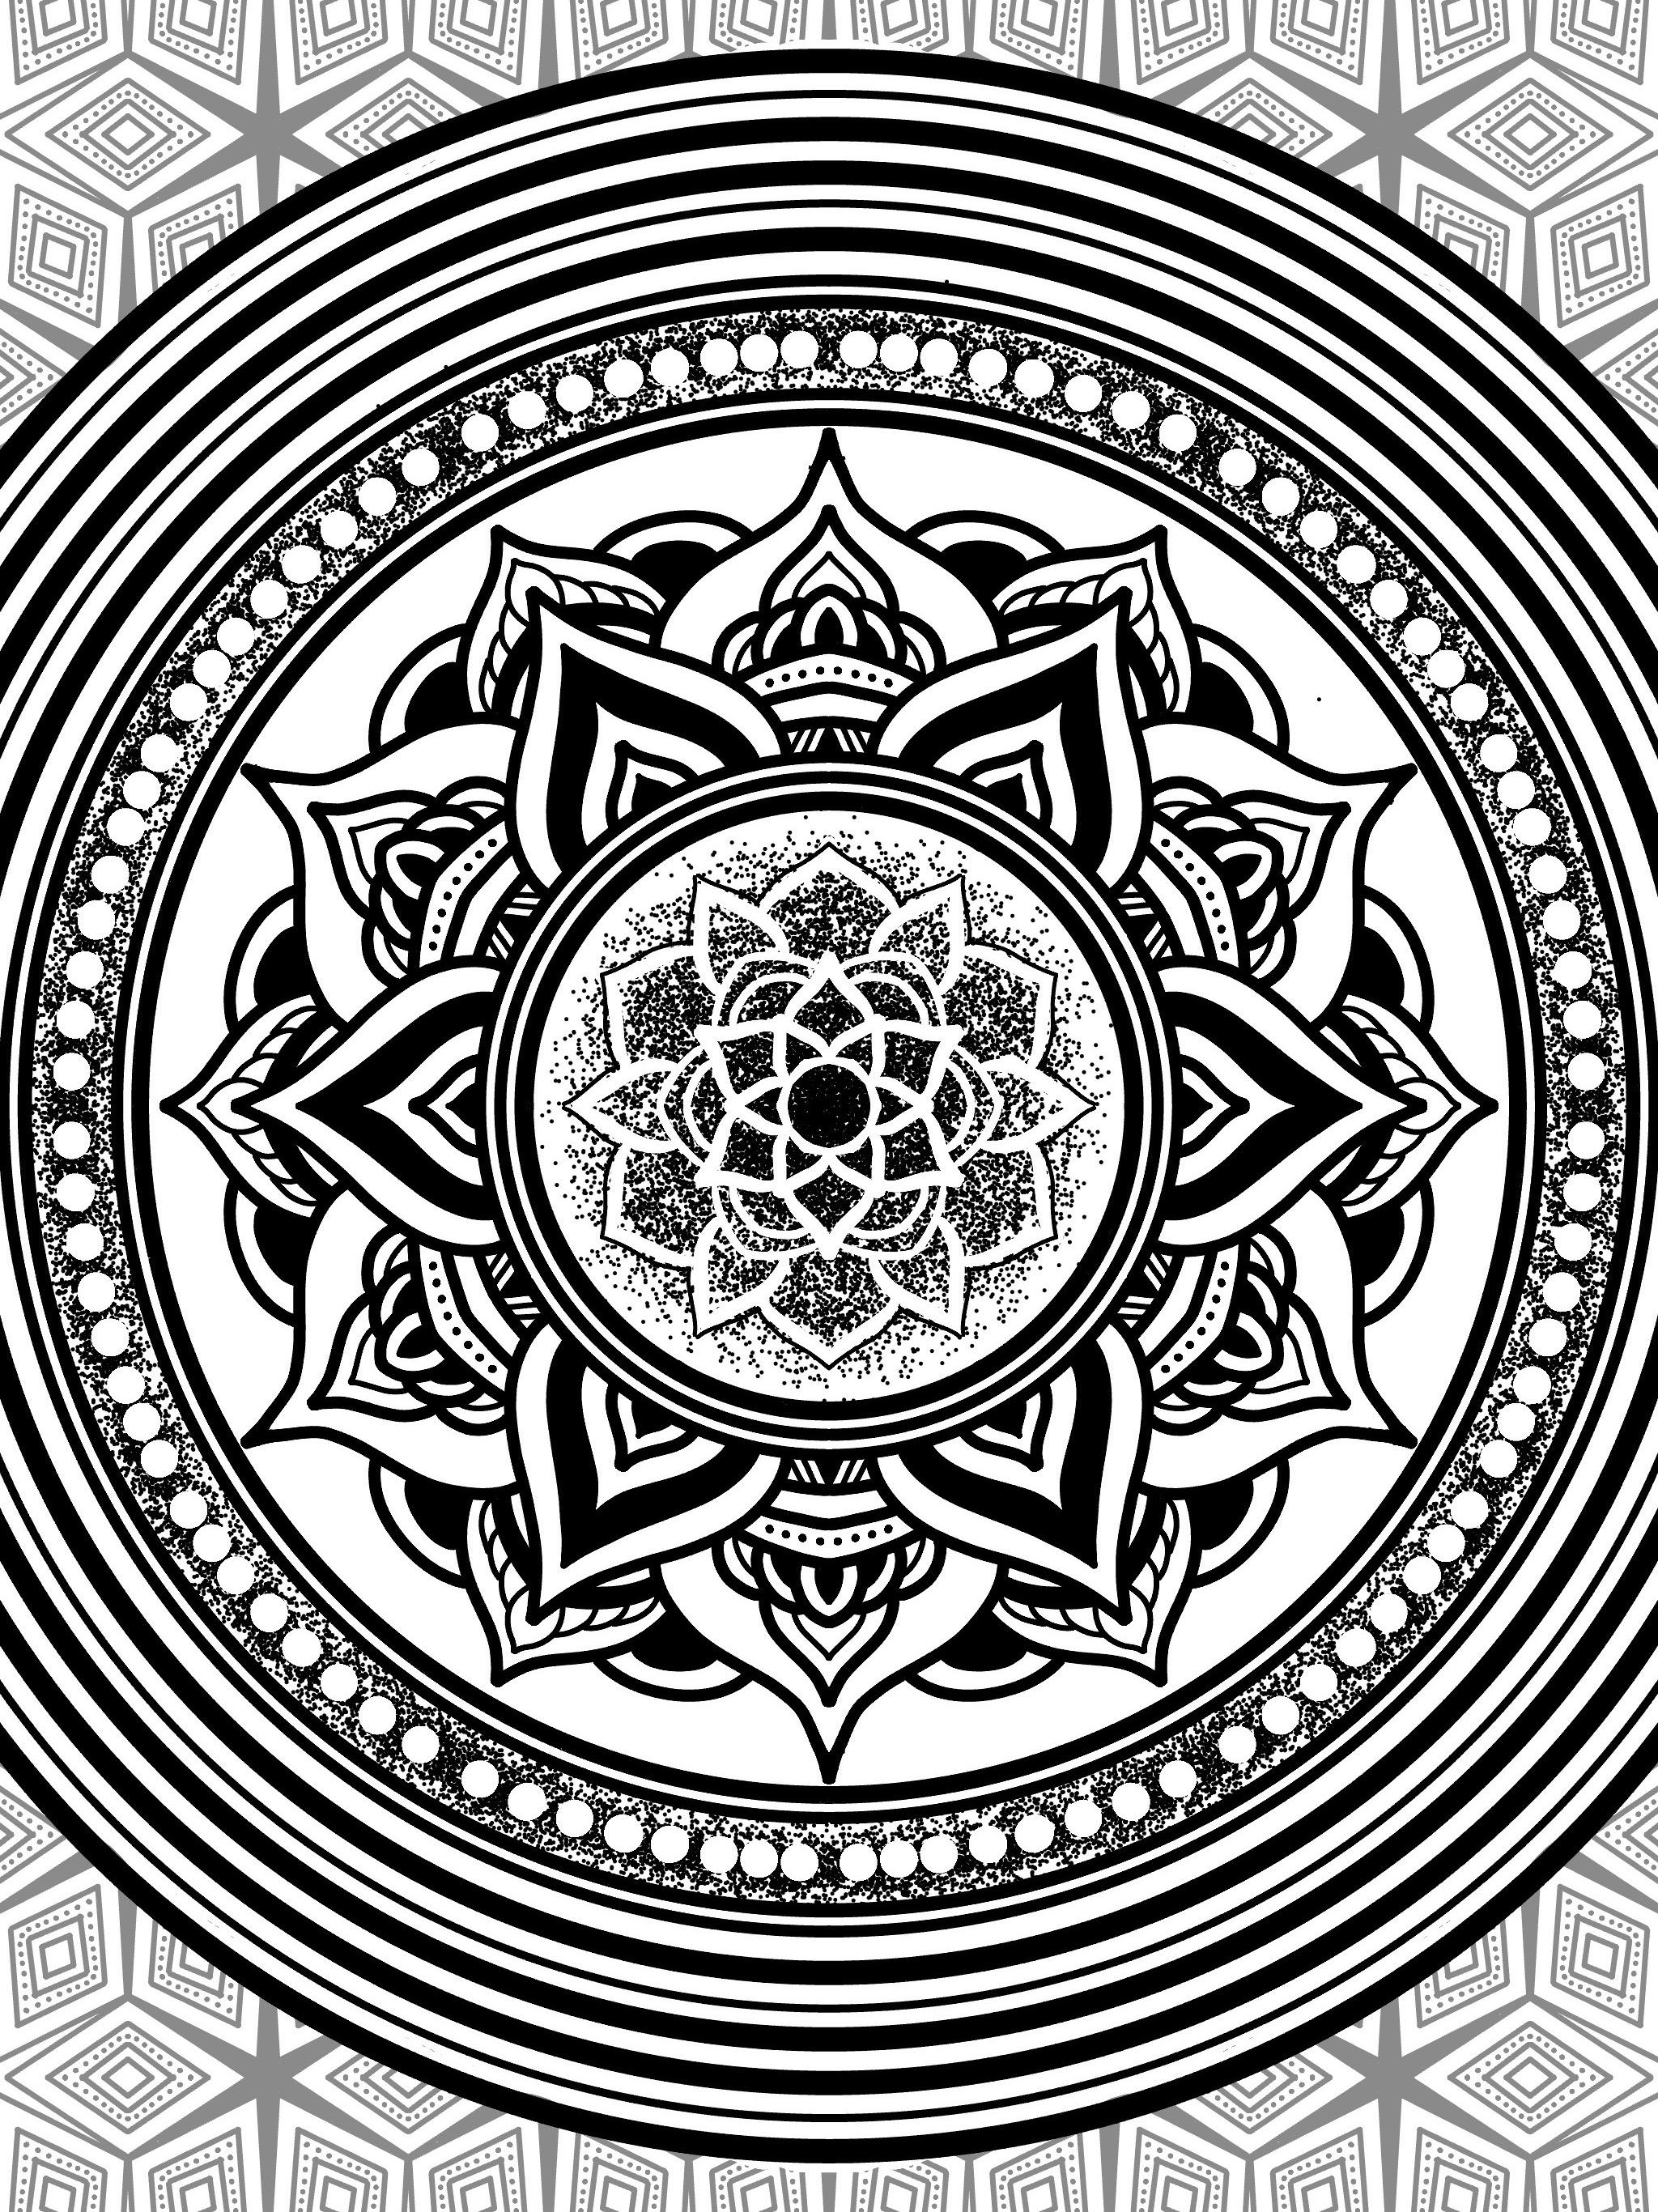 Mandala 2.1